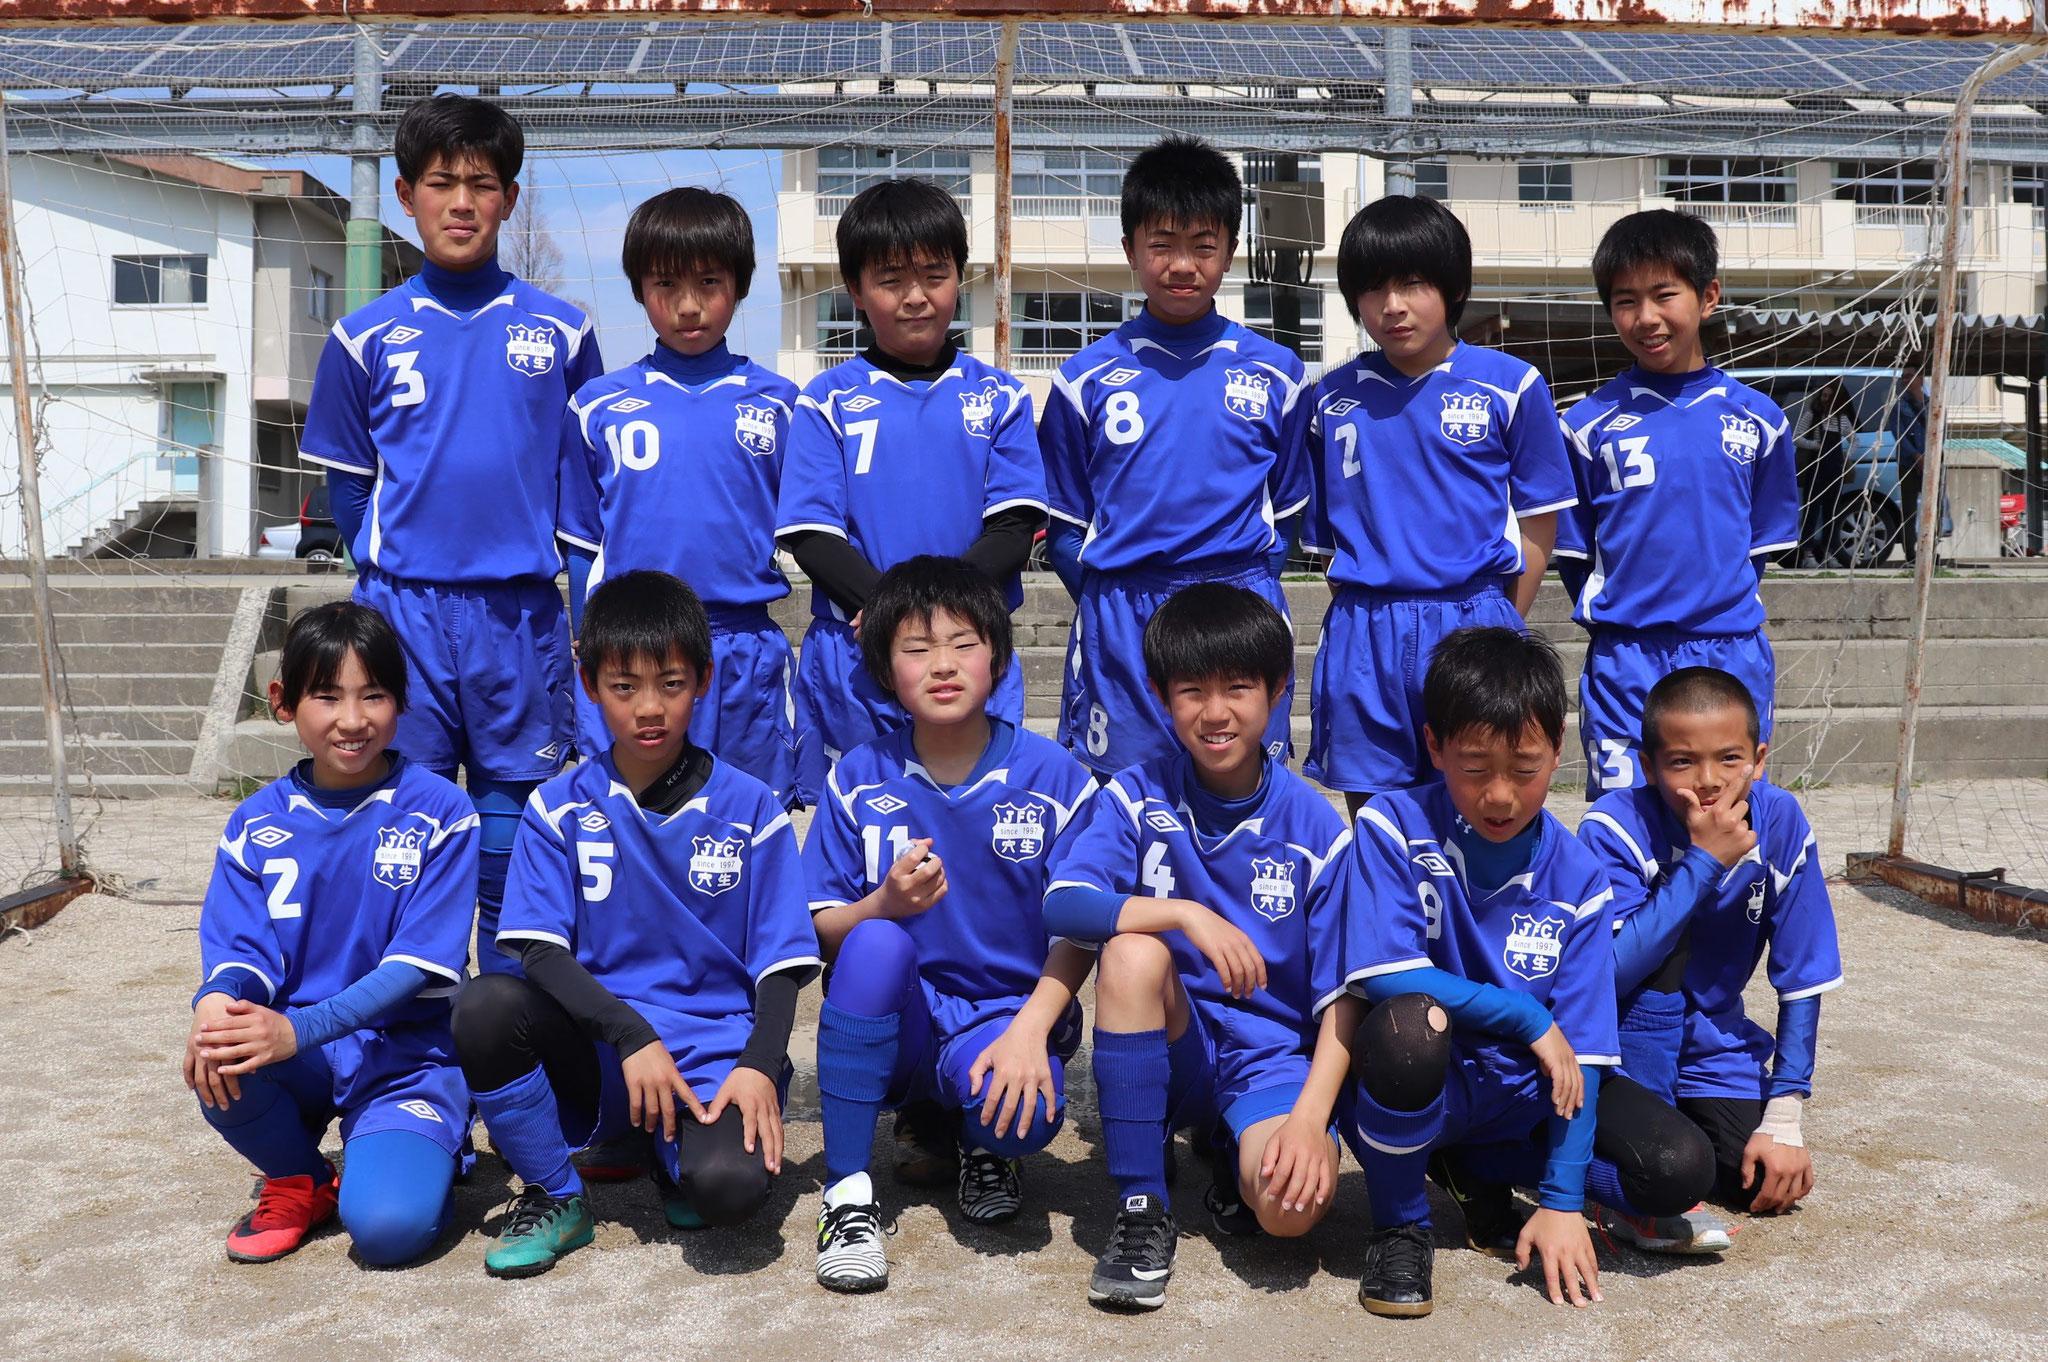 U-12折尾メモリアルカップ 4位  敢闘賞  2019/3/21